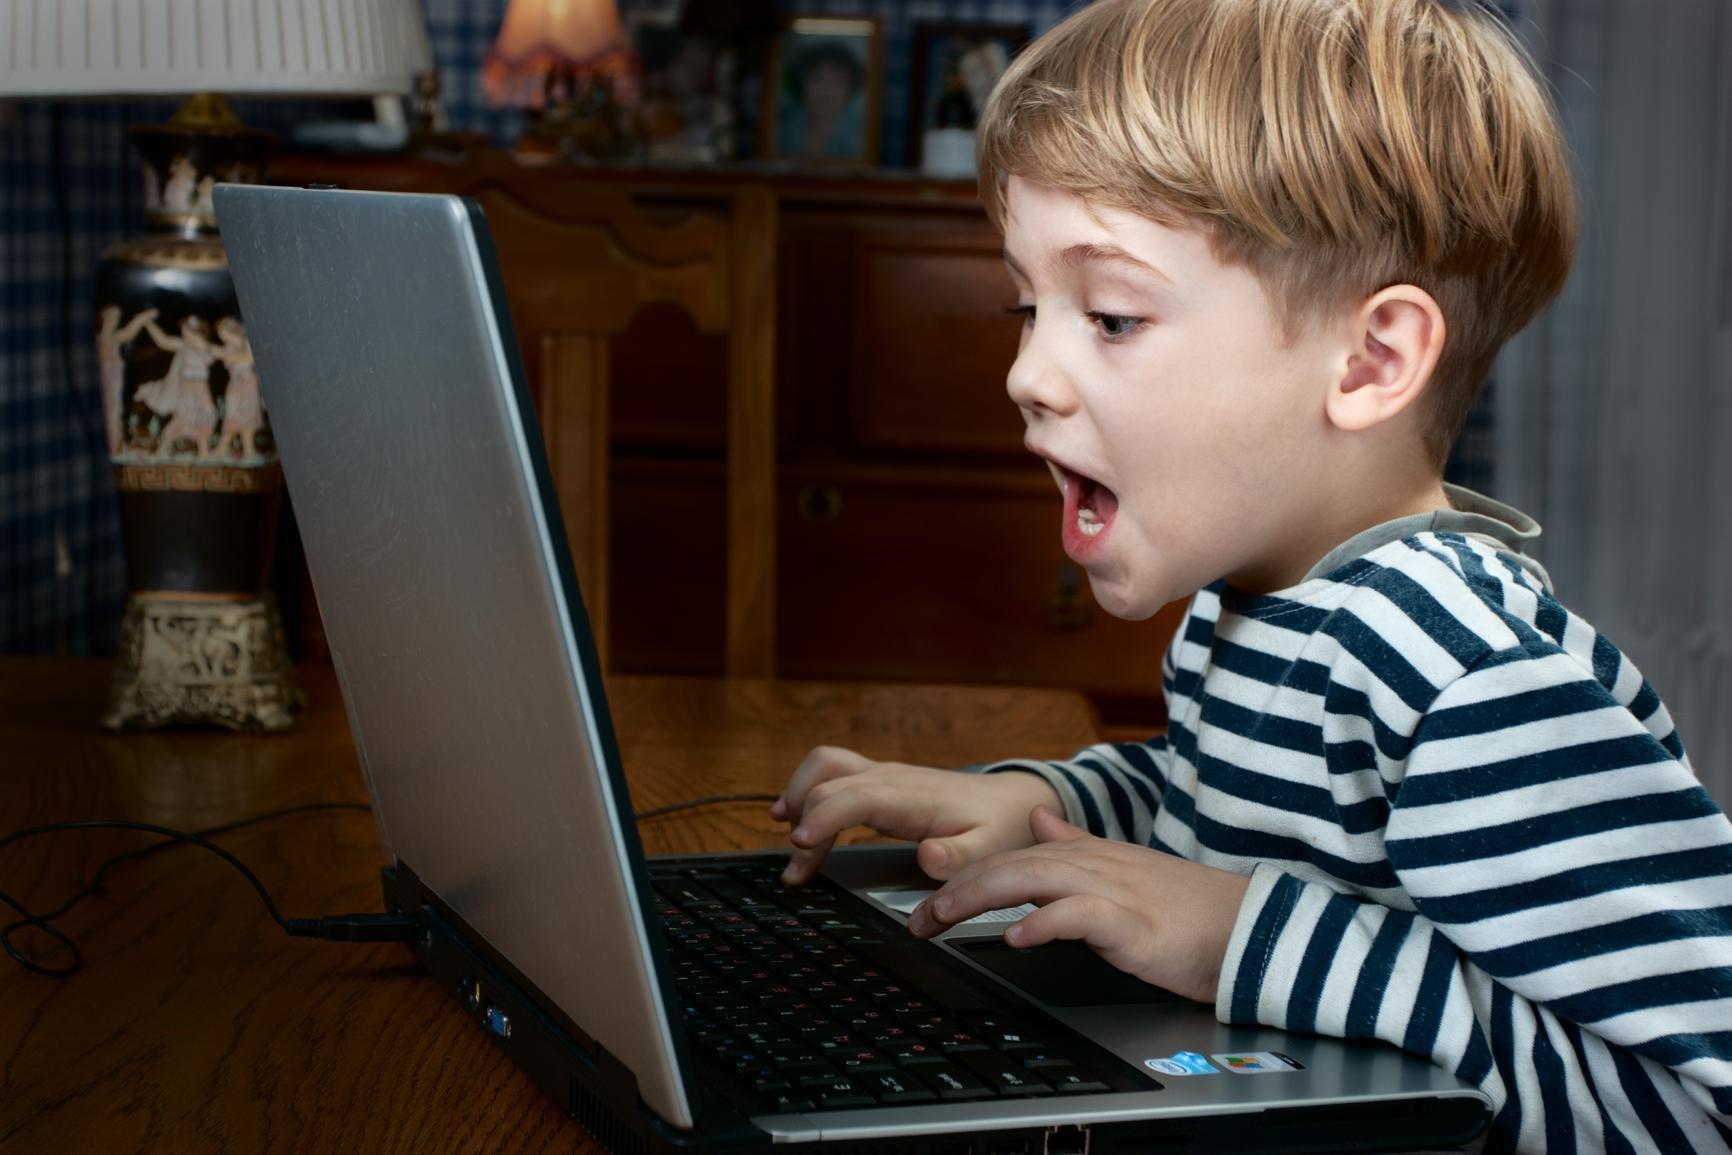 Девушка цветы, картинки компьютерных игр детских